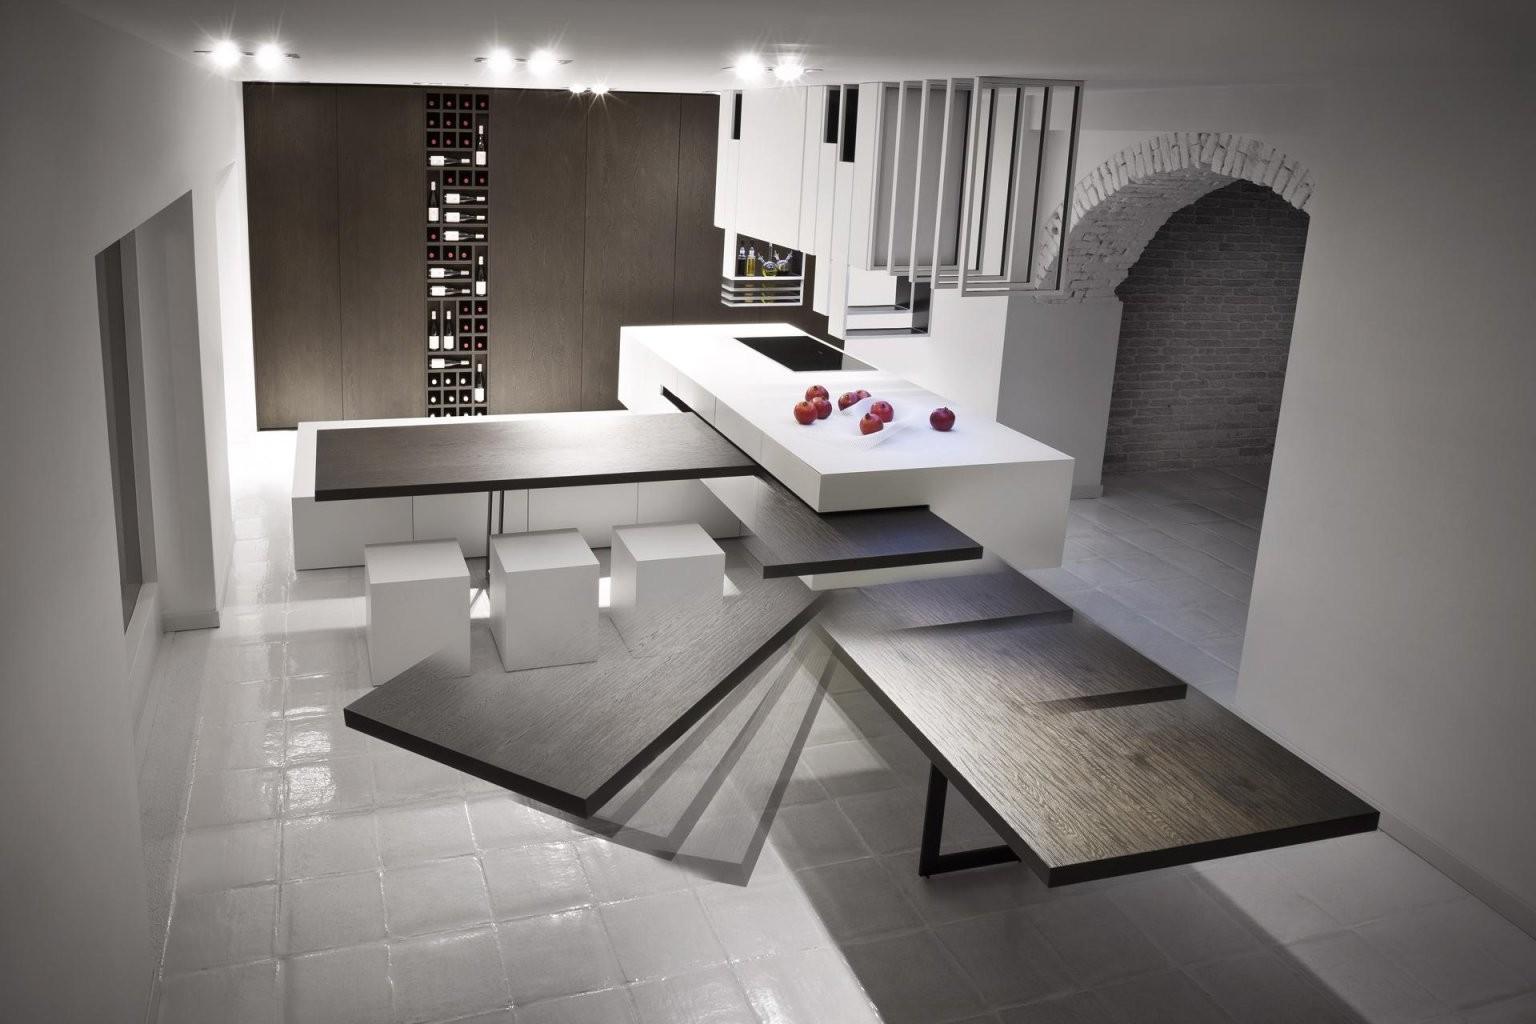 Eine Moderne Kochinsel Für Luxuriöse Küchen  Freshouse von Kochinsel Mit Integriertem Tisch Bild